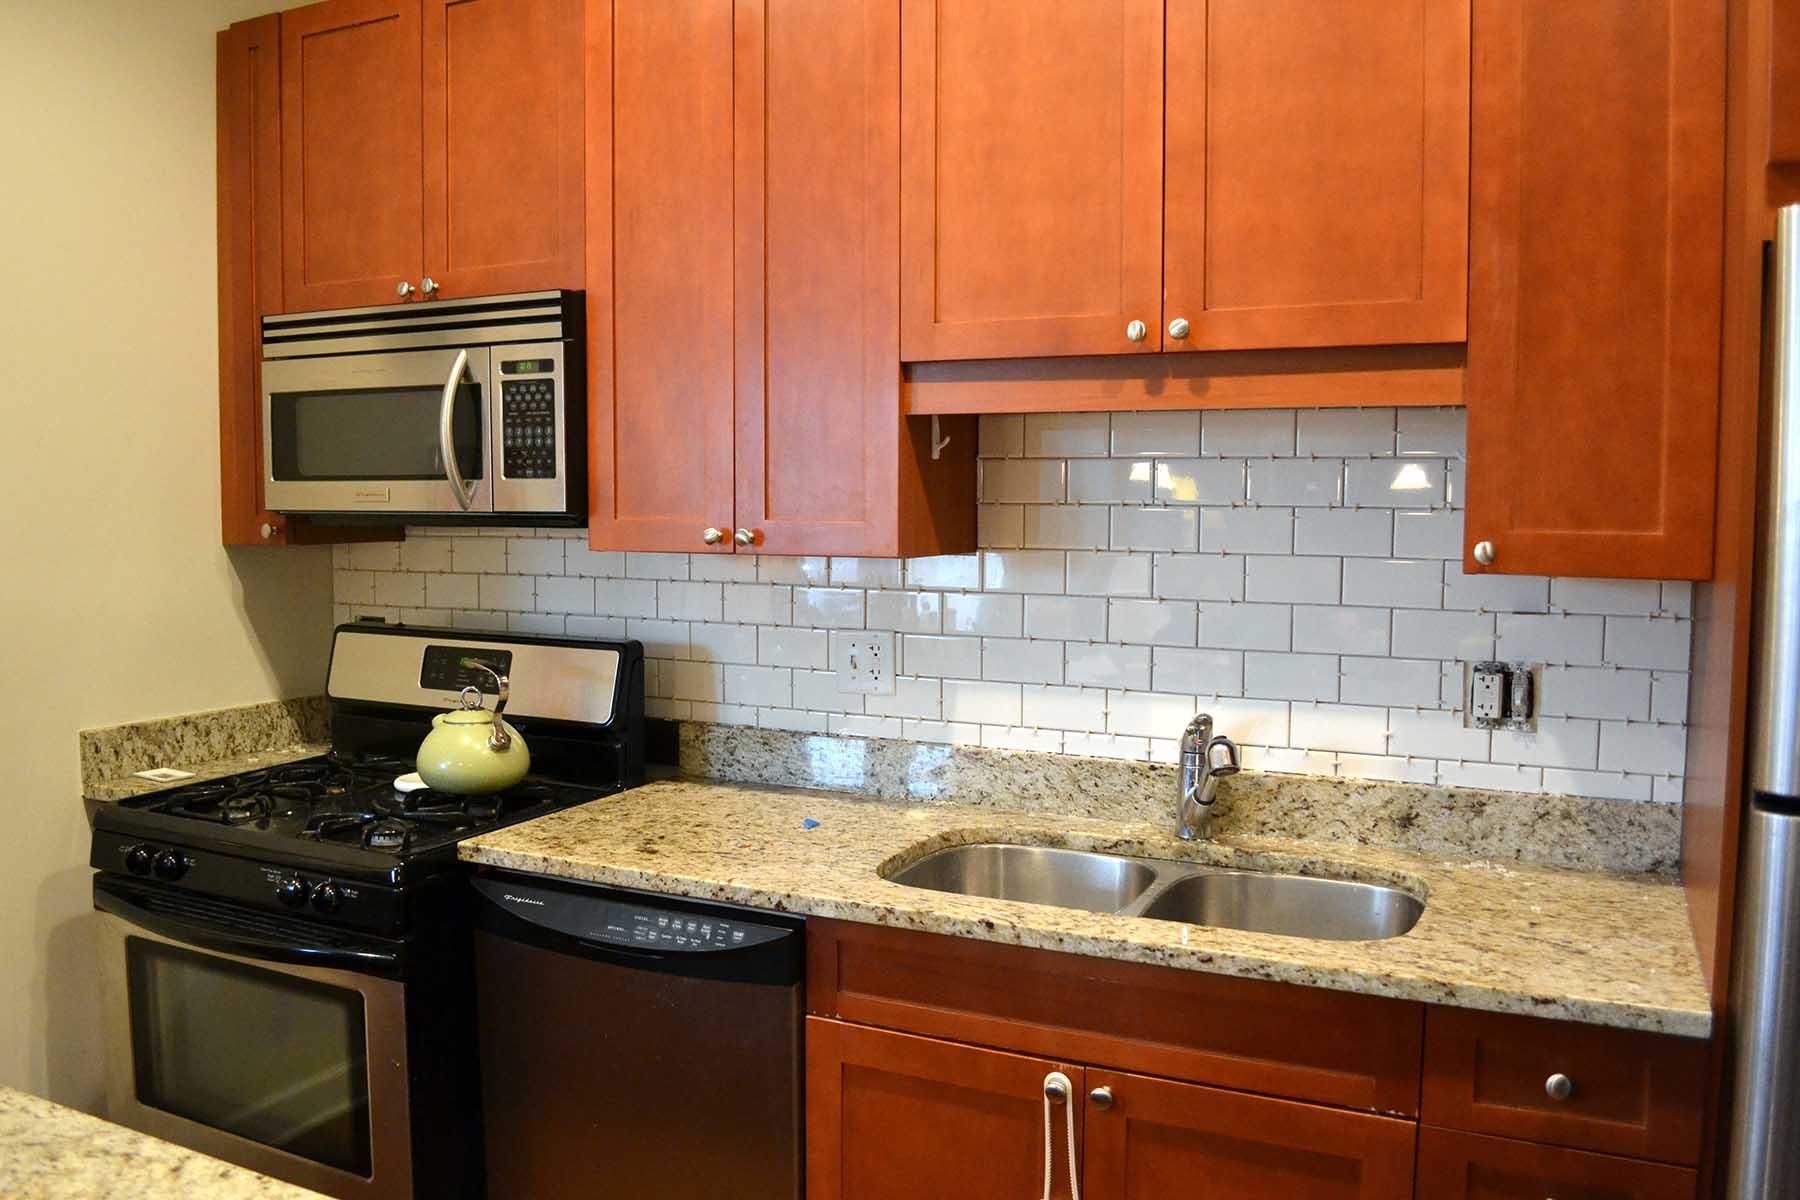 Simple Brown Tile Designs For Backsplash (Image 8 of 10)